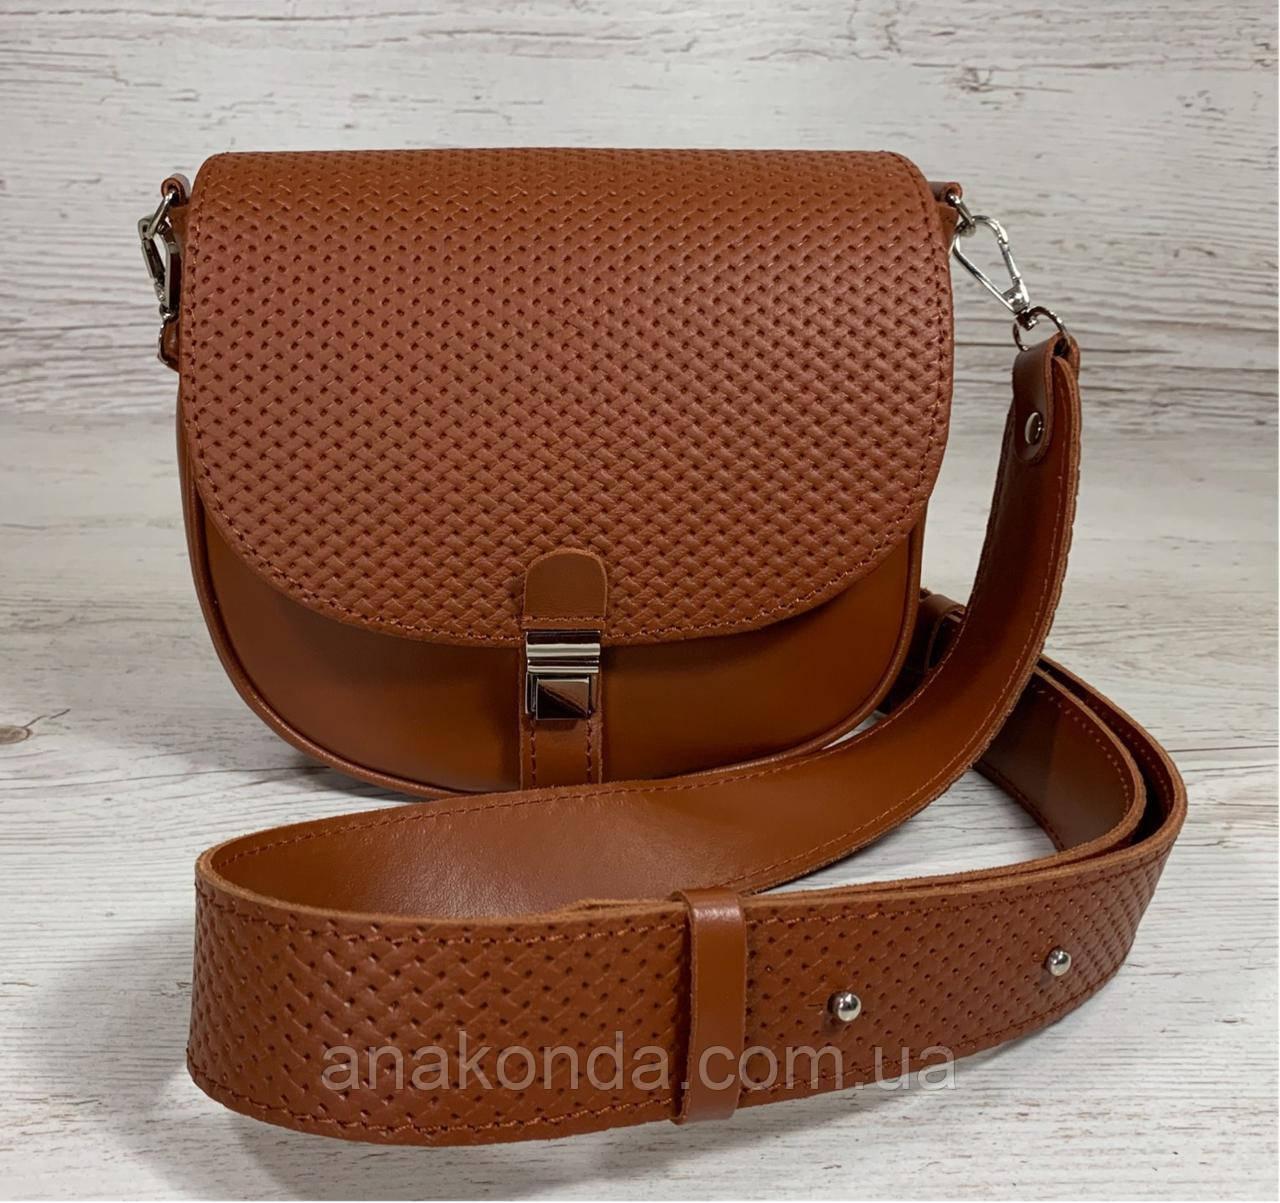 174-р Сумка женская из натуральной кожи рыжая сумочка кросс-боди рыжая кожаная сумка женская через плечо